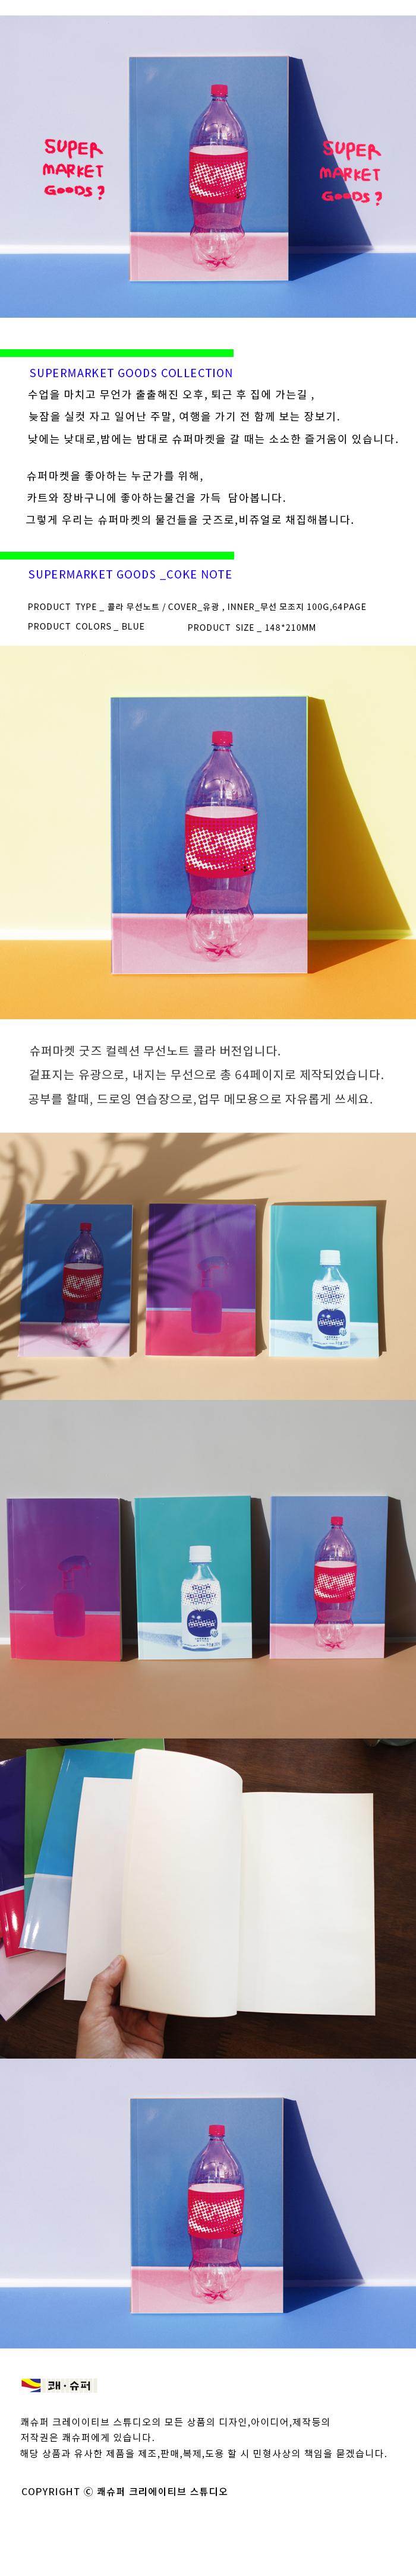 콜라 슈퍼마켓 무선 노트 - 쾌슈퍼, 3,500원, 베이직노트, 무선노트